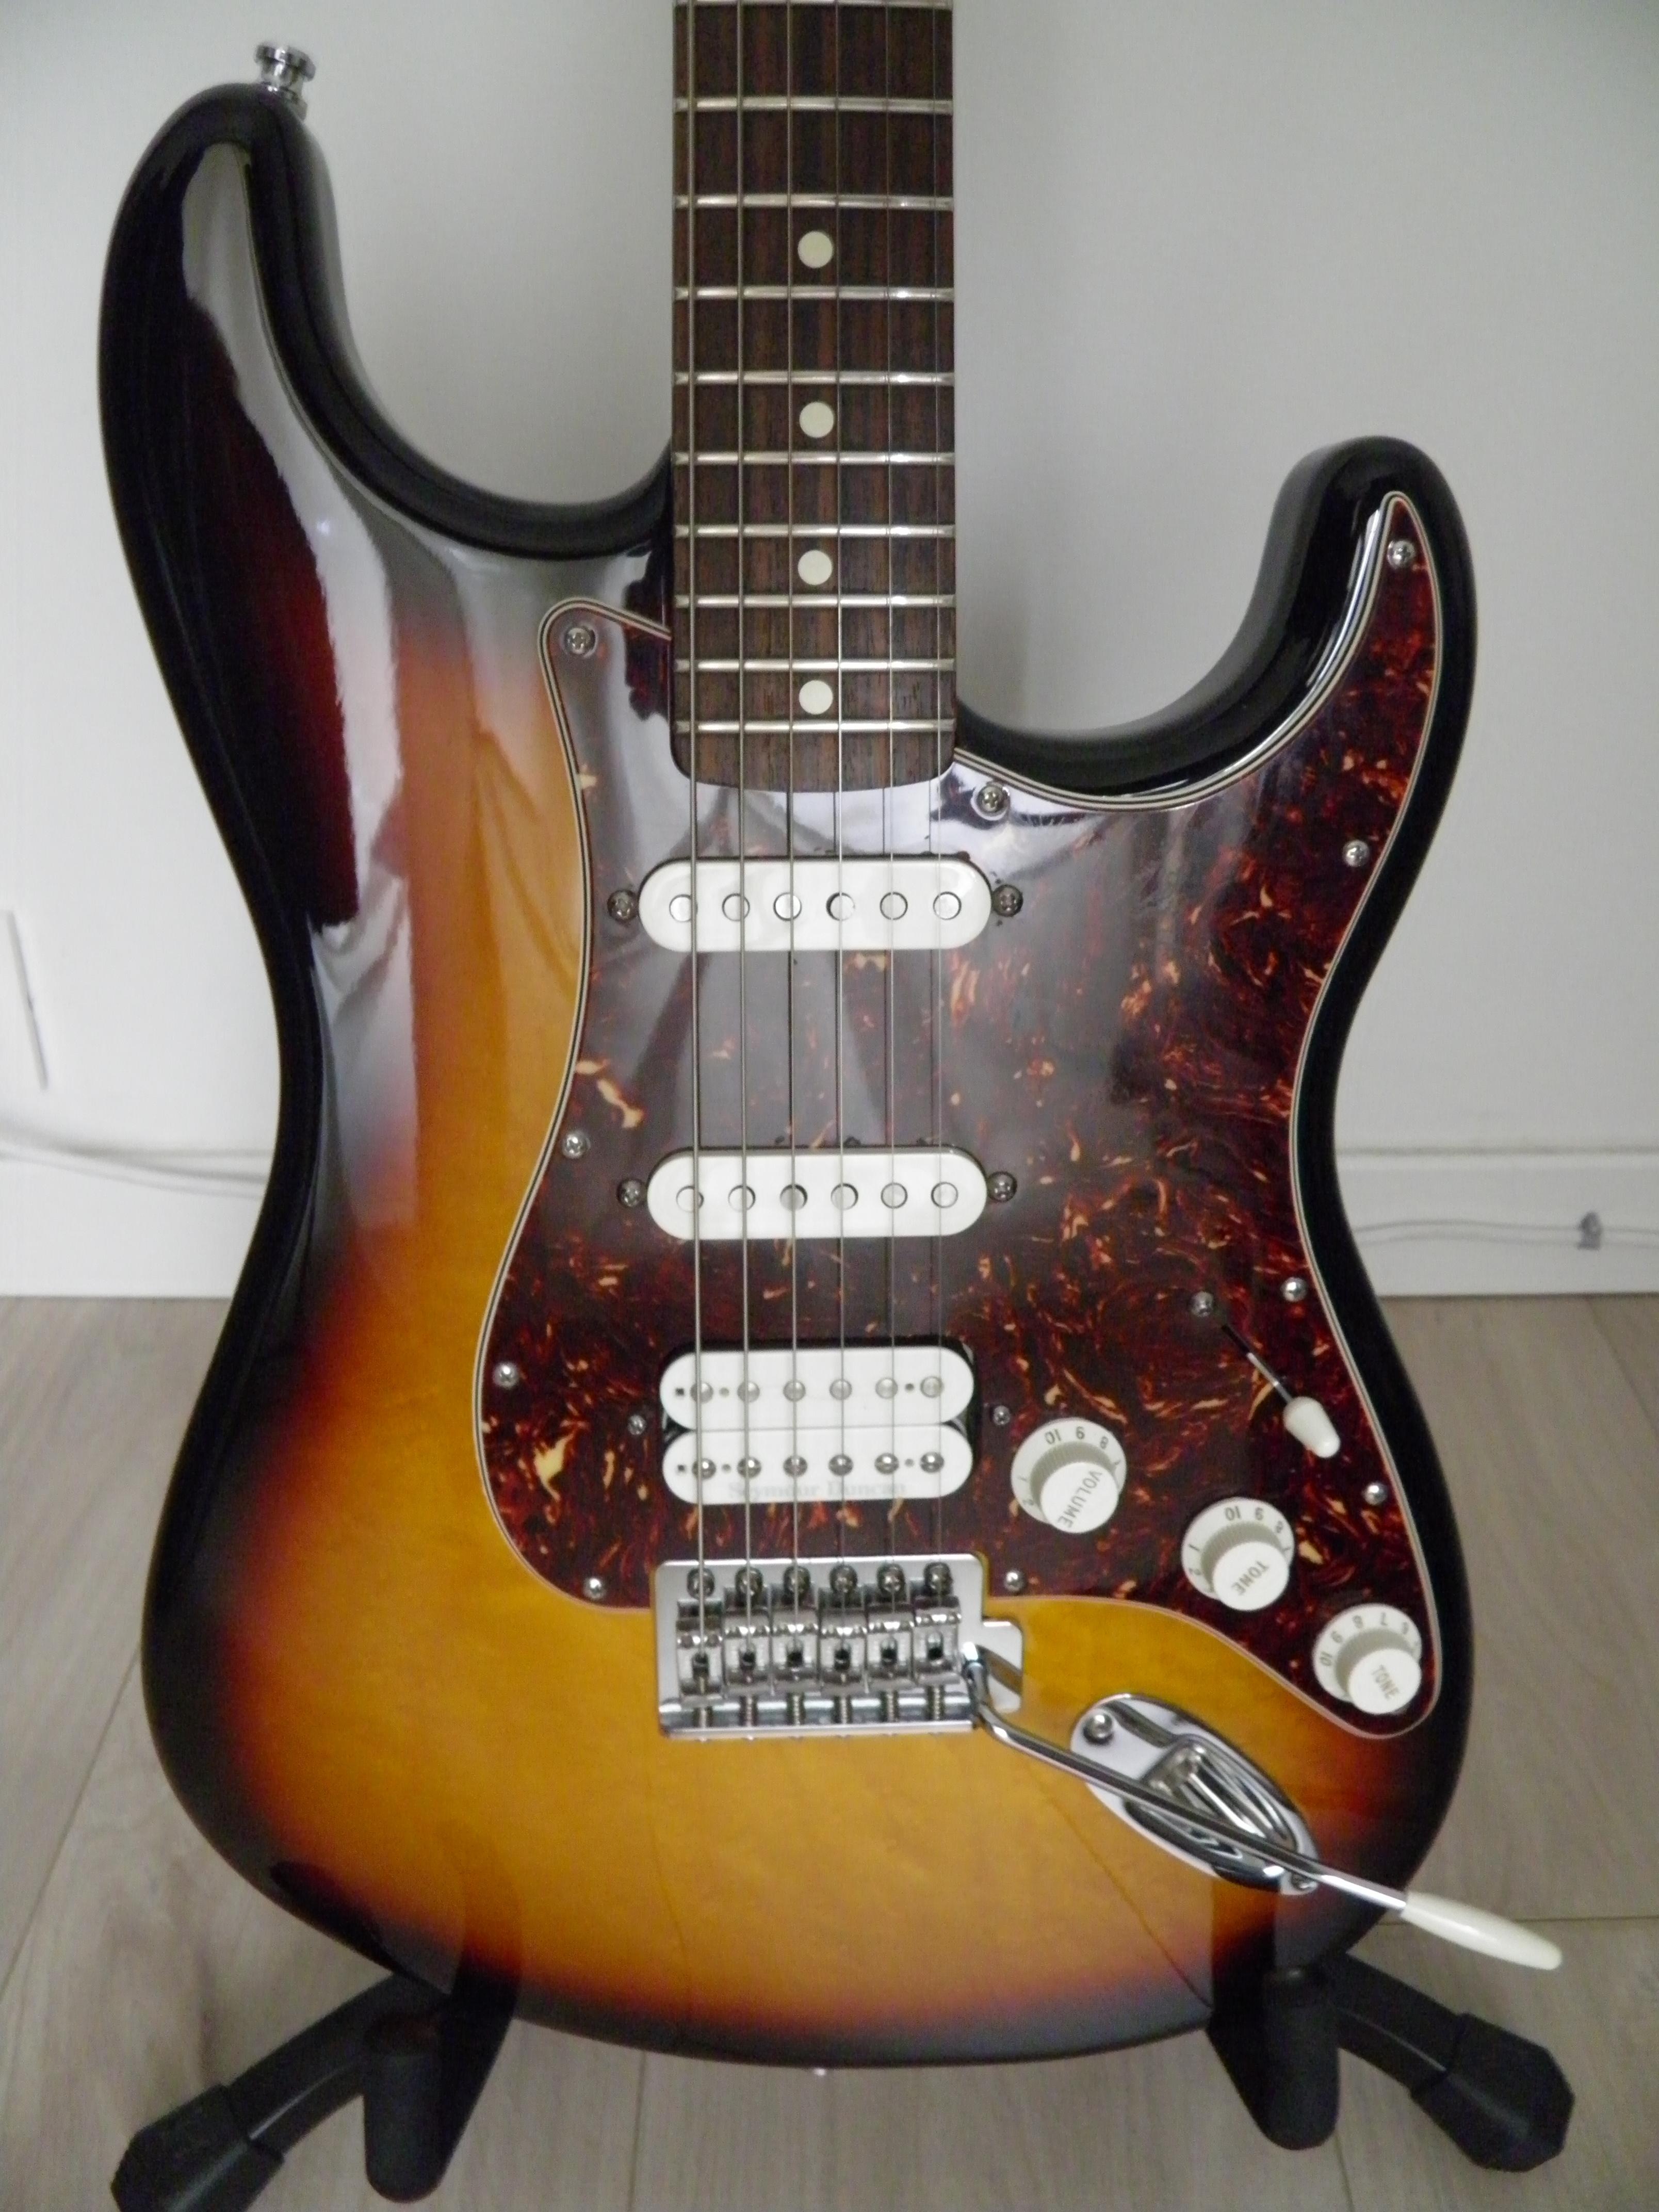 Deluxe Lone Star Stratocaster 2007 2013 Fender